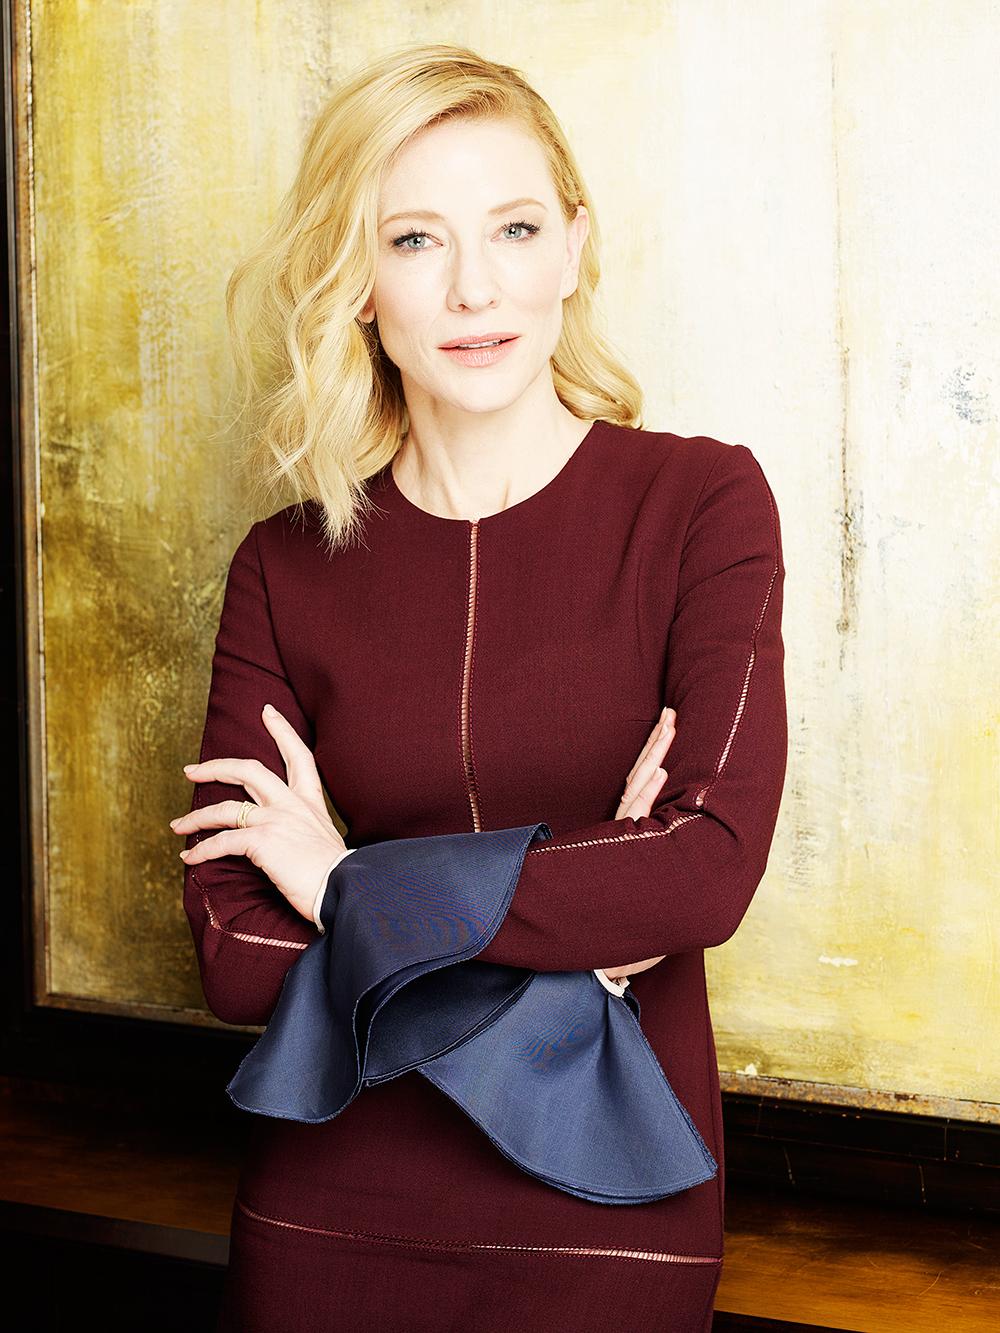 Cate Blanchett shares ... Cate Blanchett